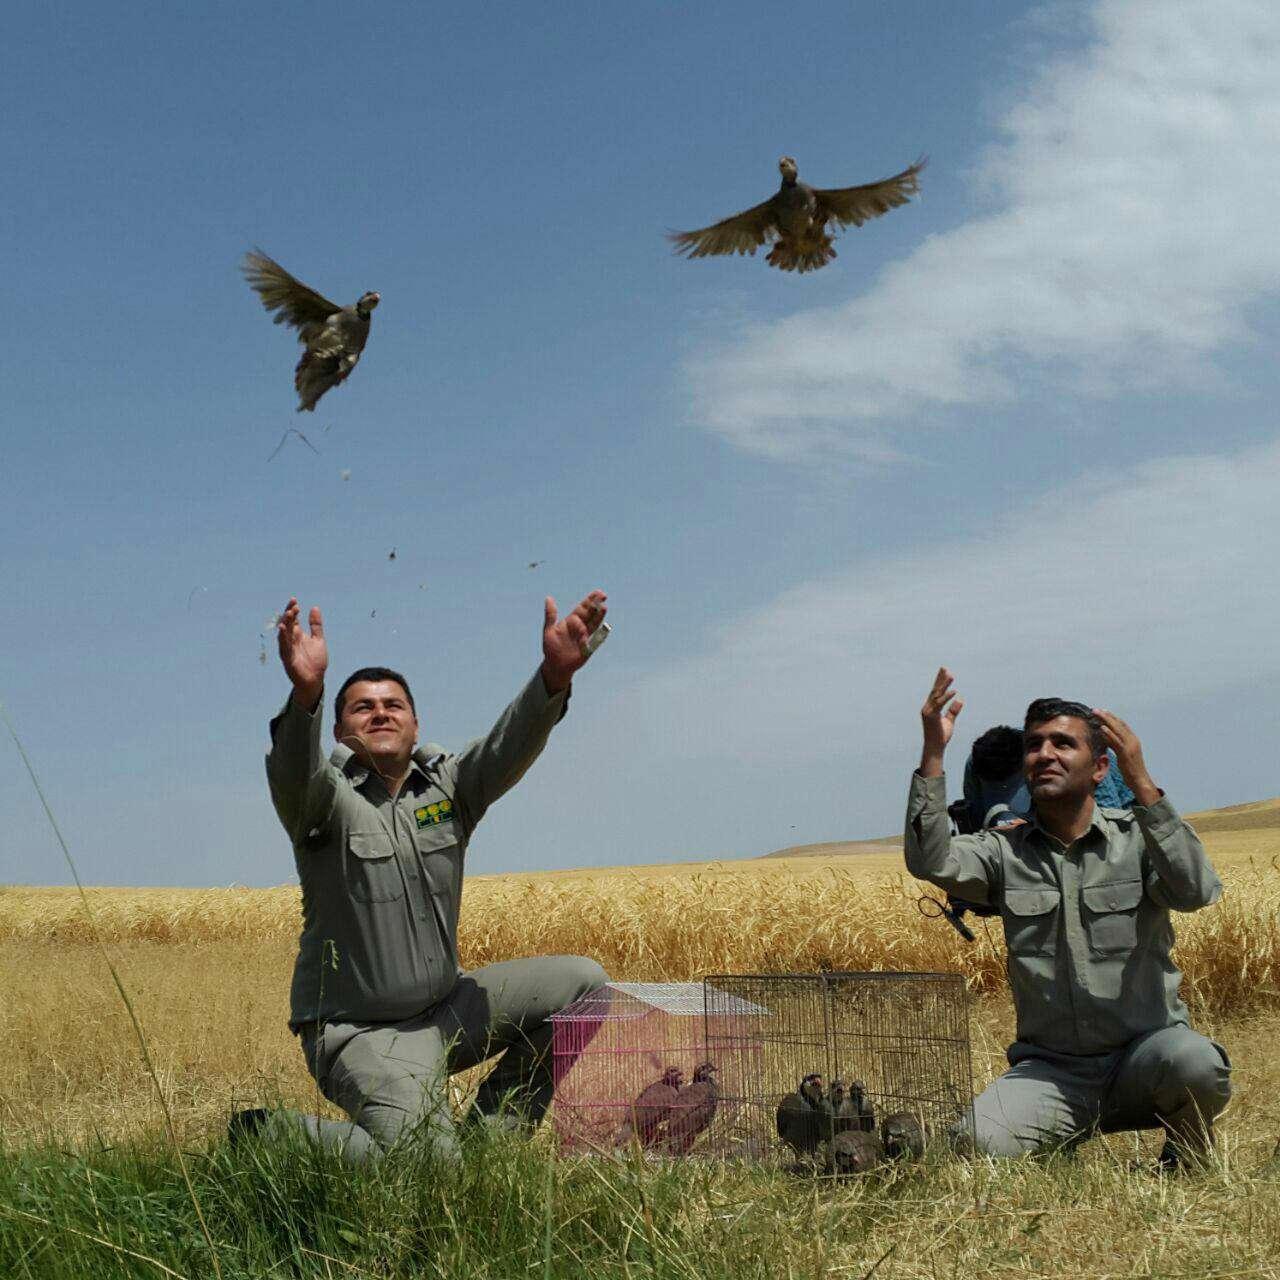 رهاسازی کبک در منطقه مایان قاقازان برای مبارزه با آفات نباتی، مزارع کشت گندم ارگانیک (طرح اجرایی برای اولین بار در ایران)